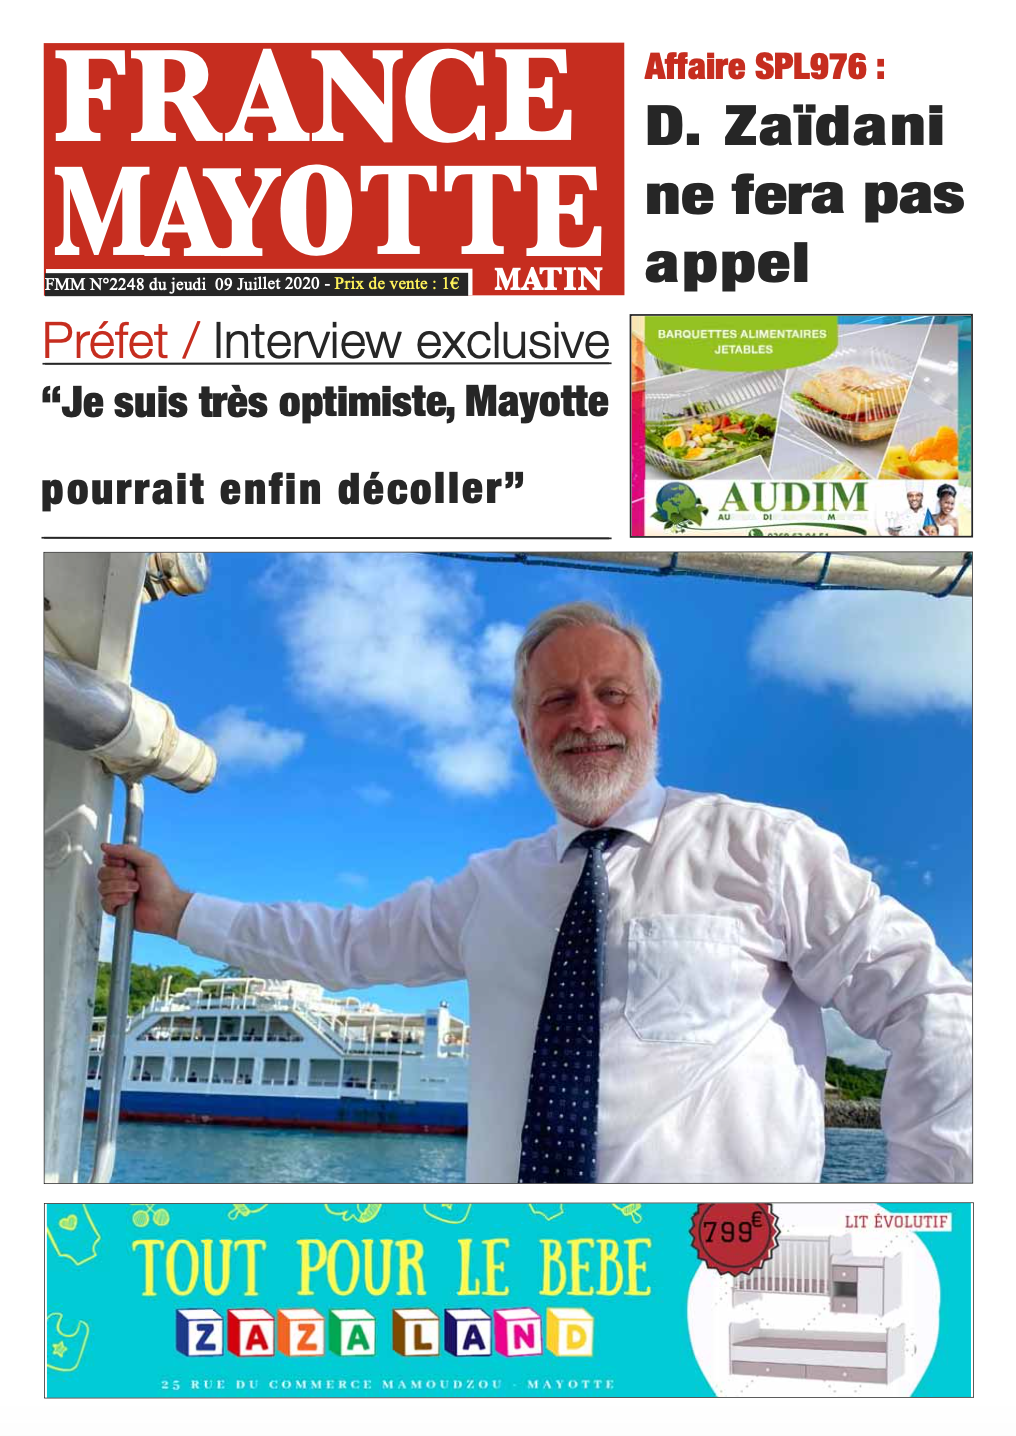 France Mayotte Jeudi 9 juillet 2020